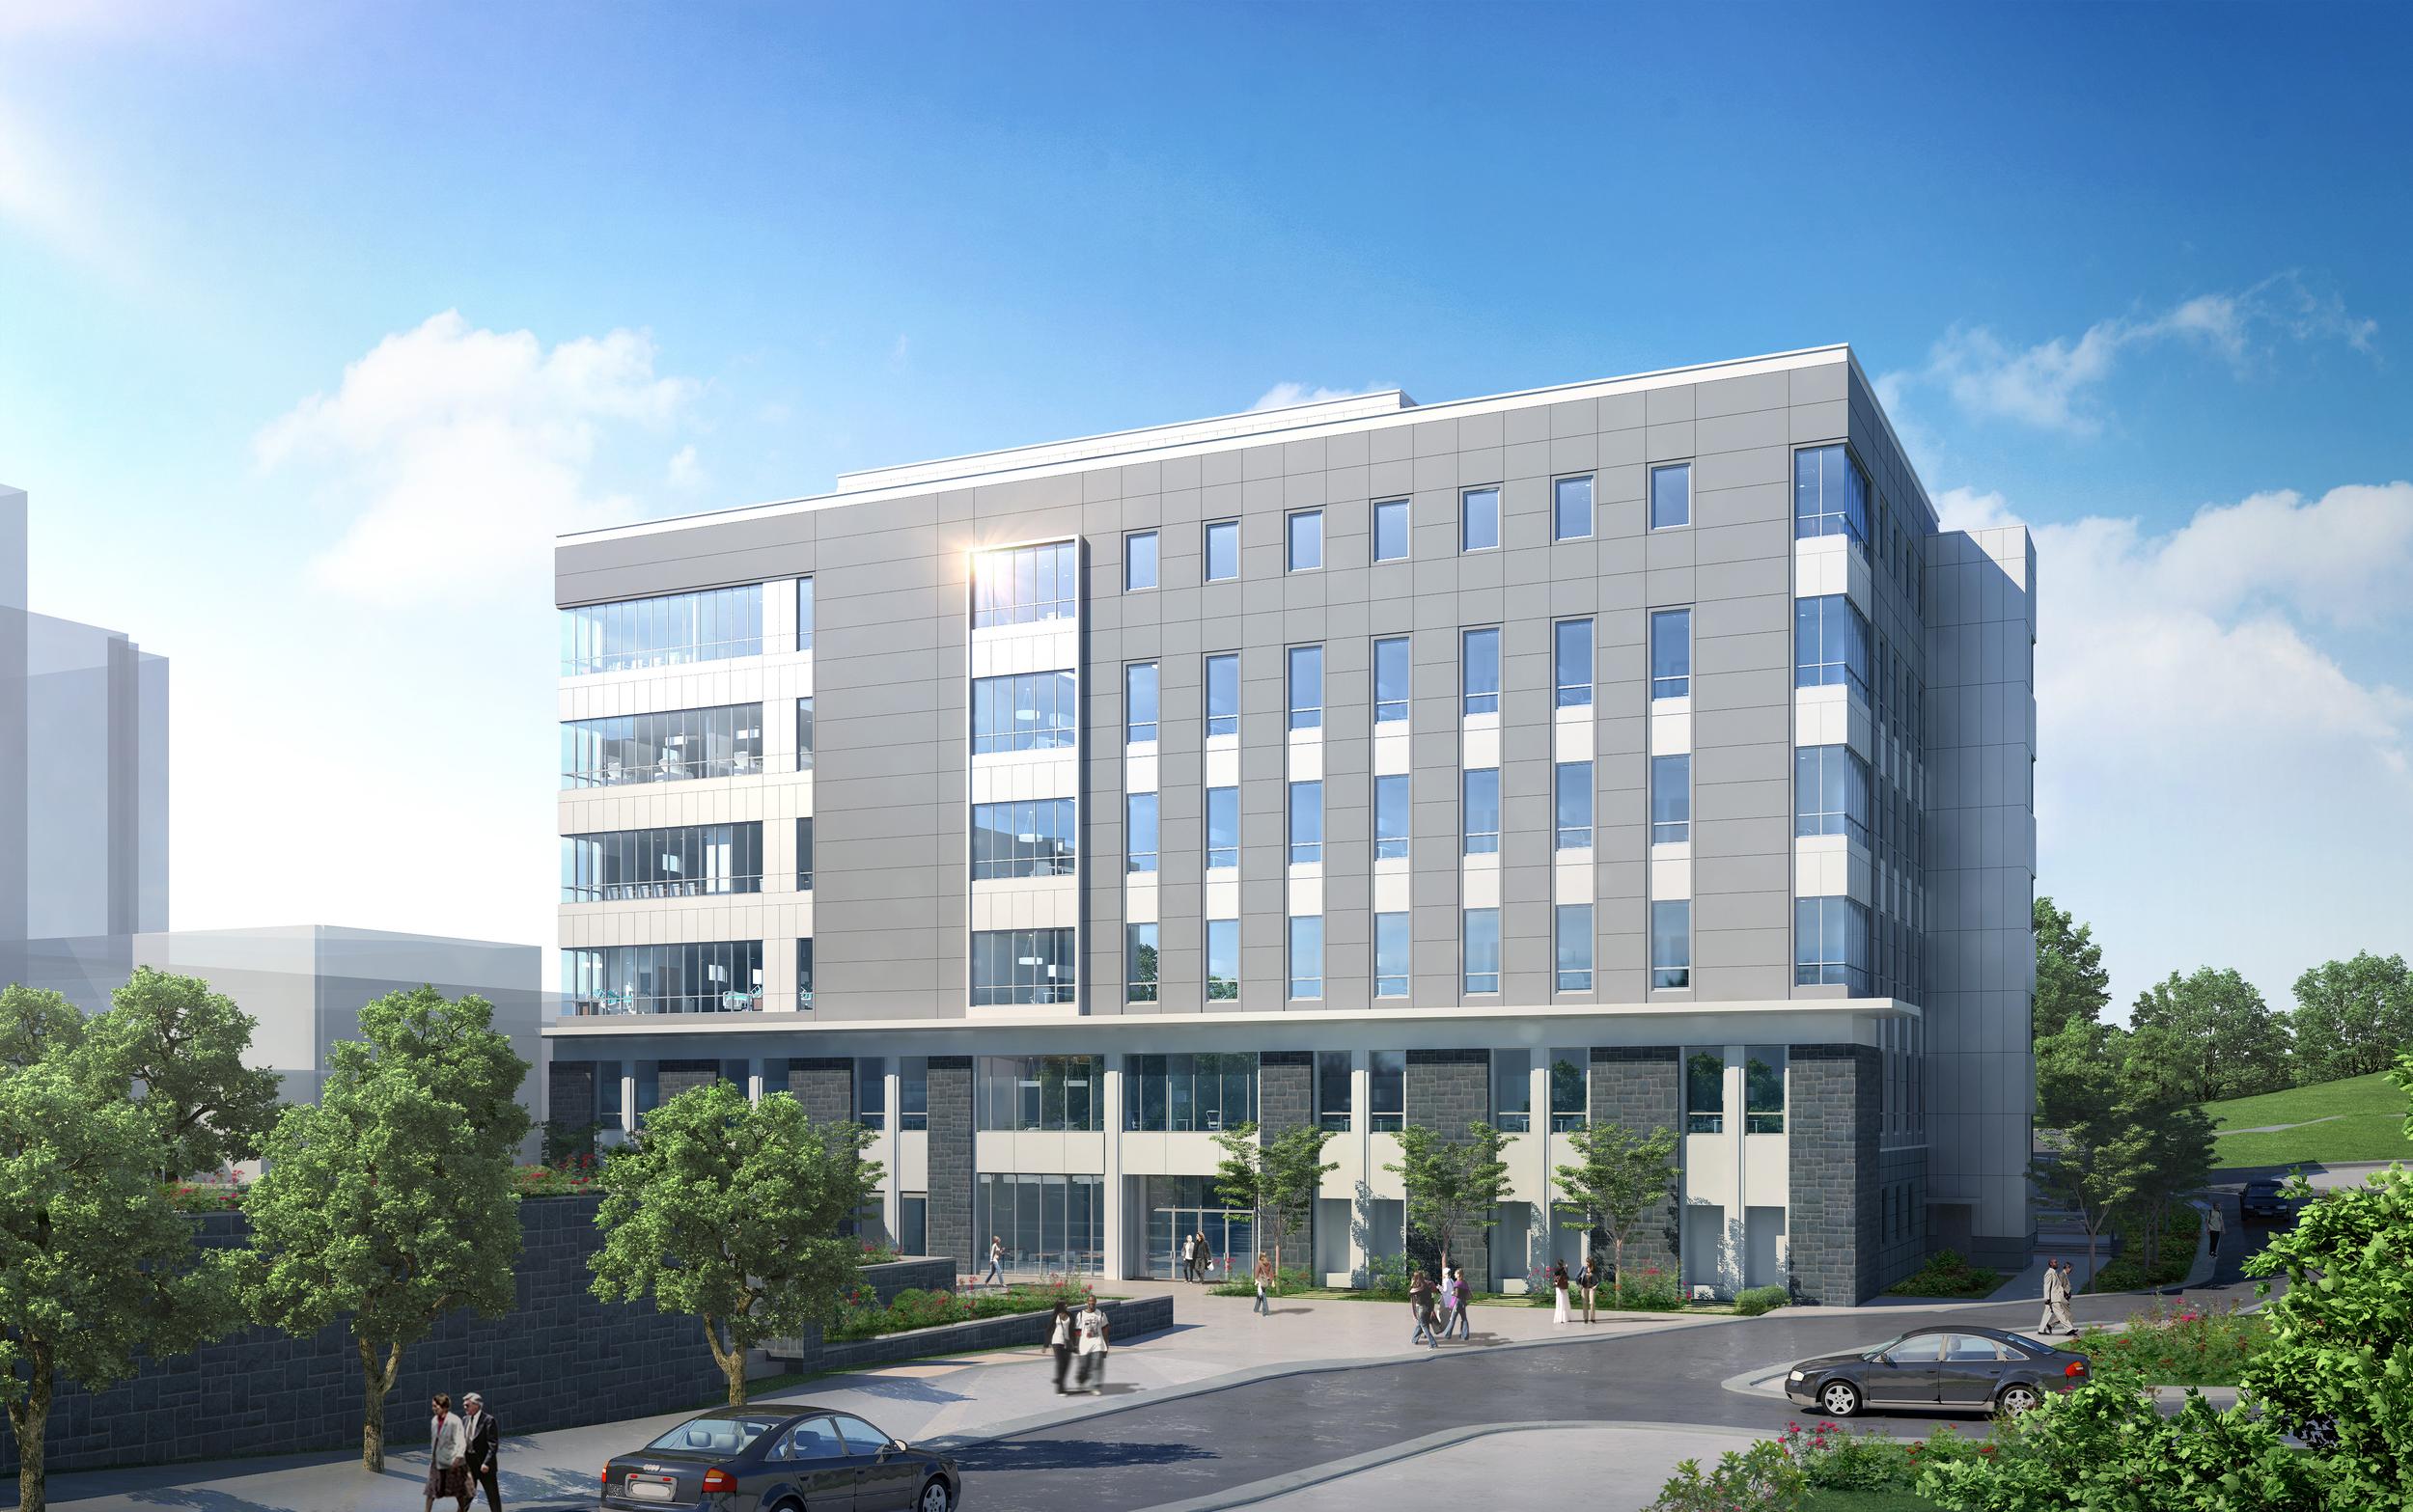 Harrisonburg, VA   147,000 square foot building  │ Average crew: 19  Estimated completion: 5/15/16